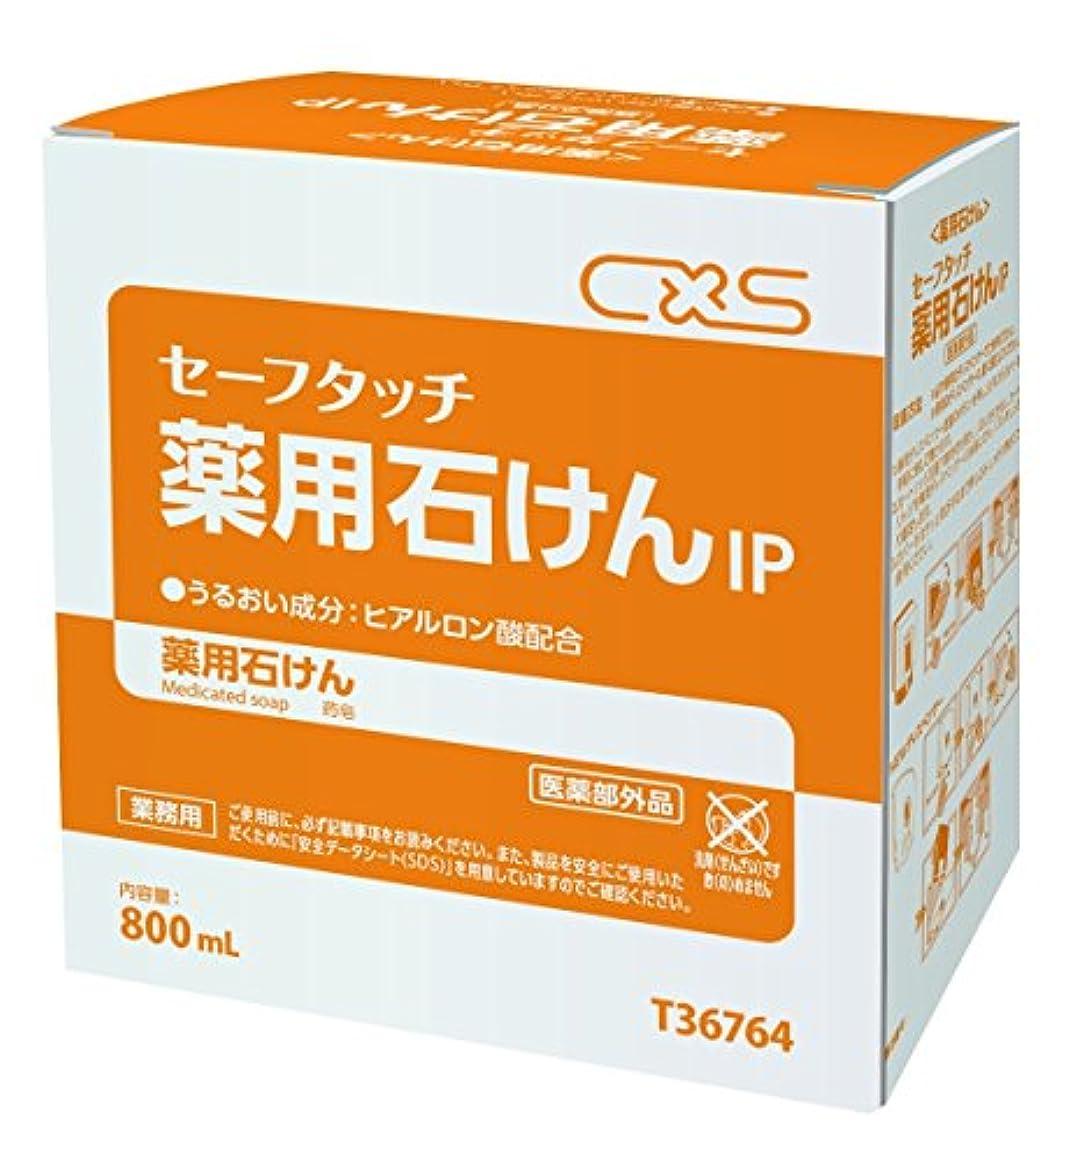 豊かにする端末完璧セーフタッチ 薬用石けんIP 6箱セット